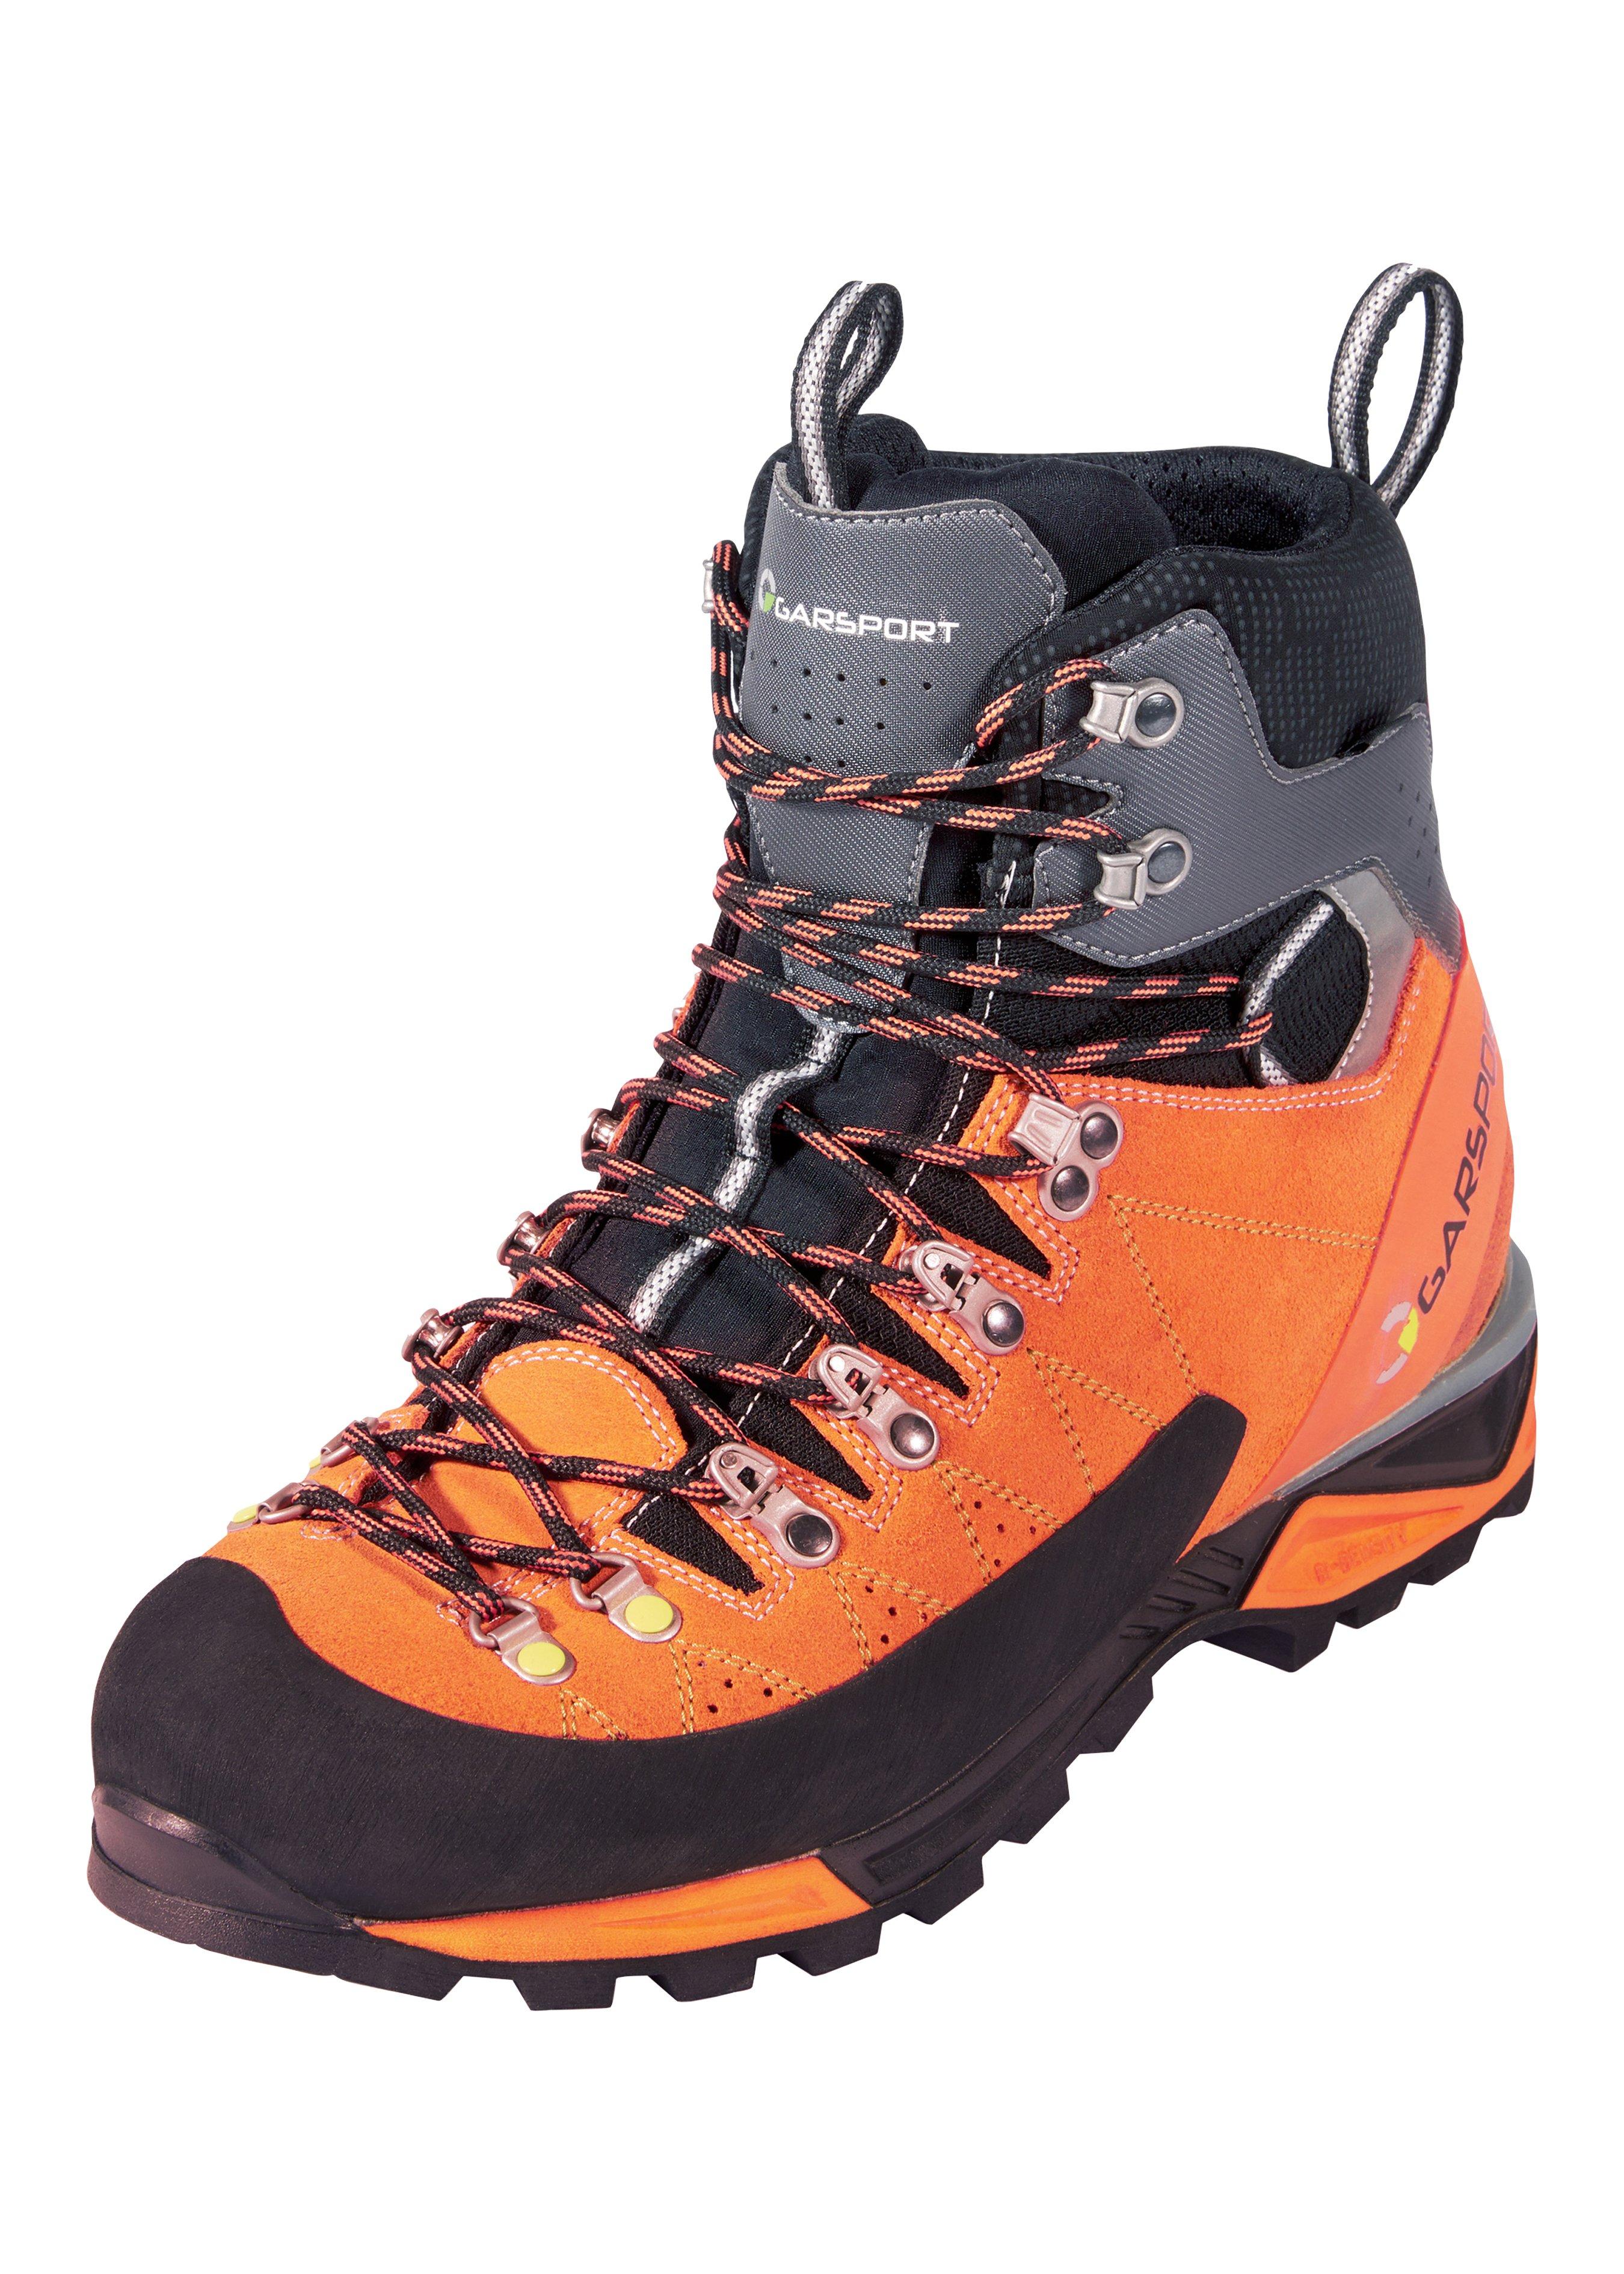 chaussure de haute montagne Mountain Tech 42275438 1